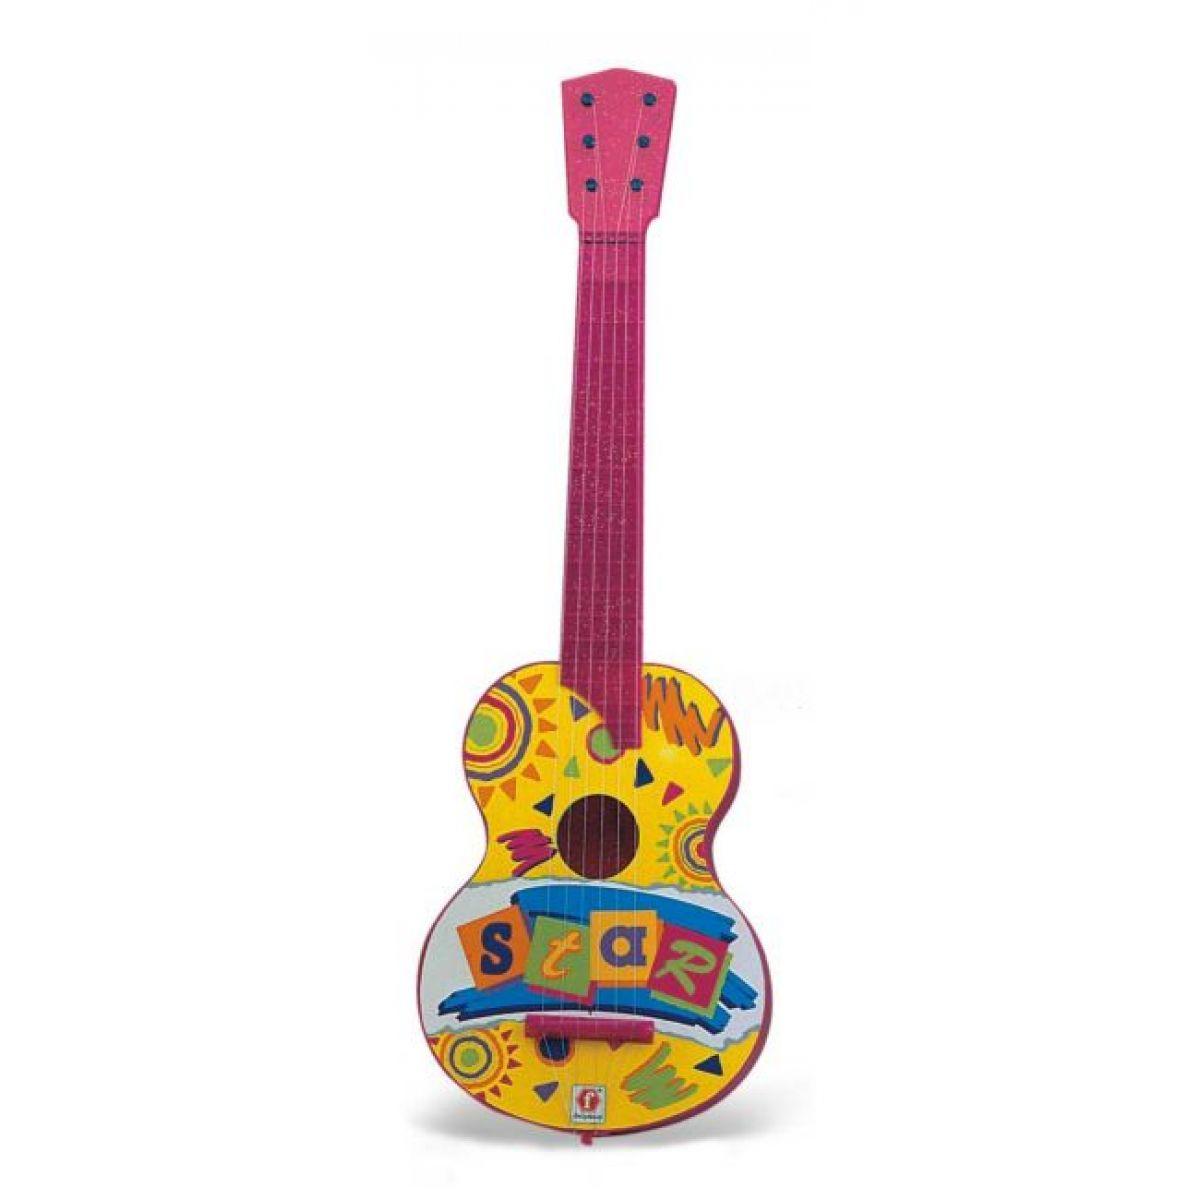 Kytara STAR 58cm - kovové struny